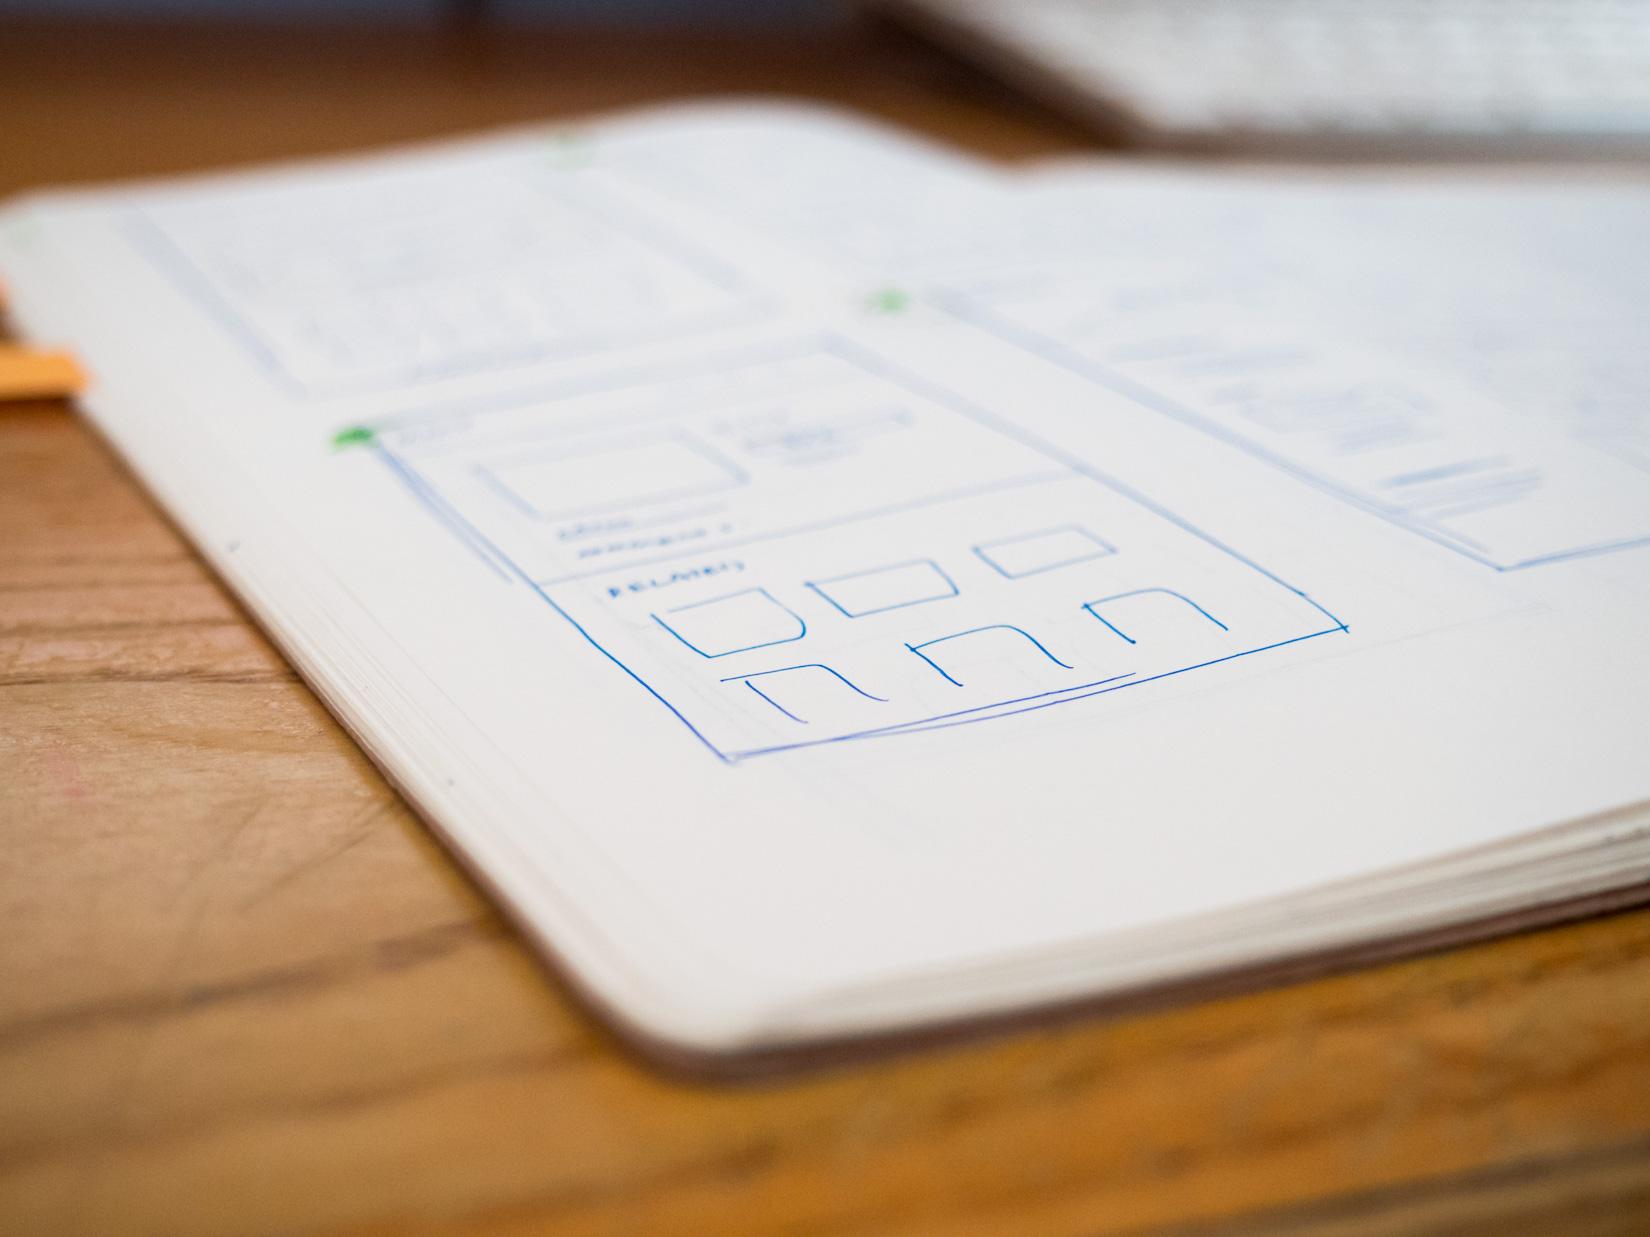 Open Sketchbook on Desk